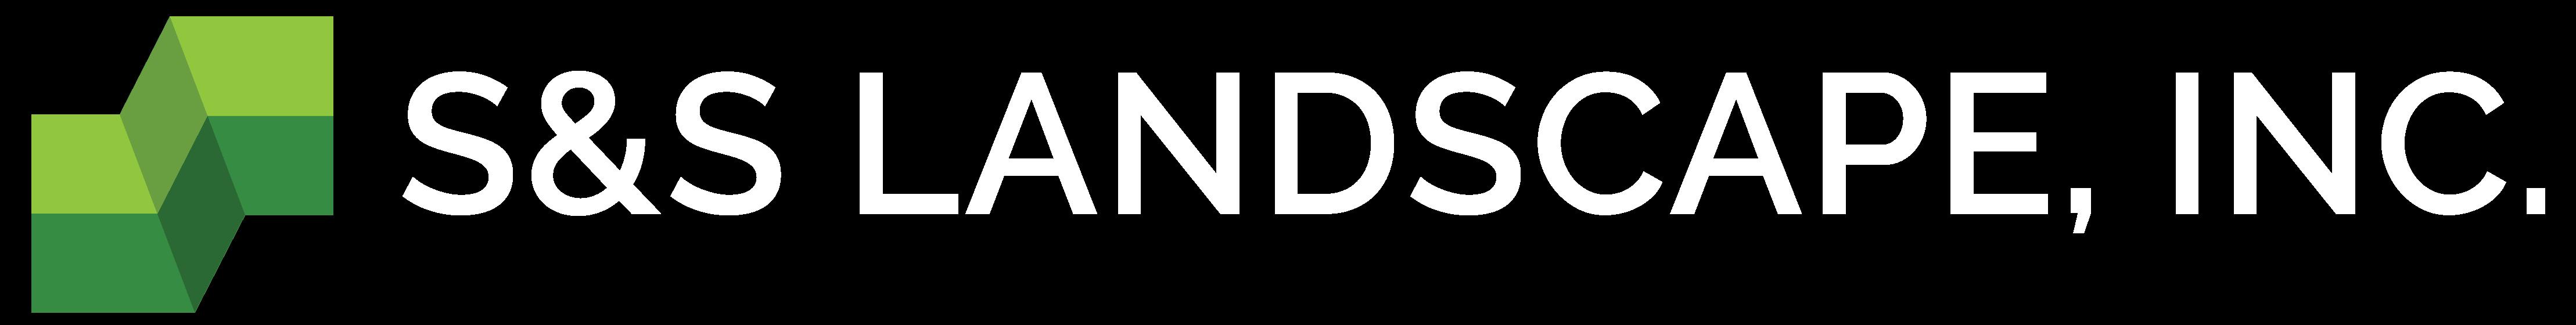 S&S Landscape, Inc.